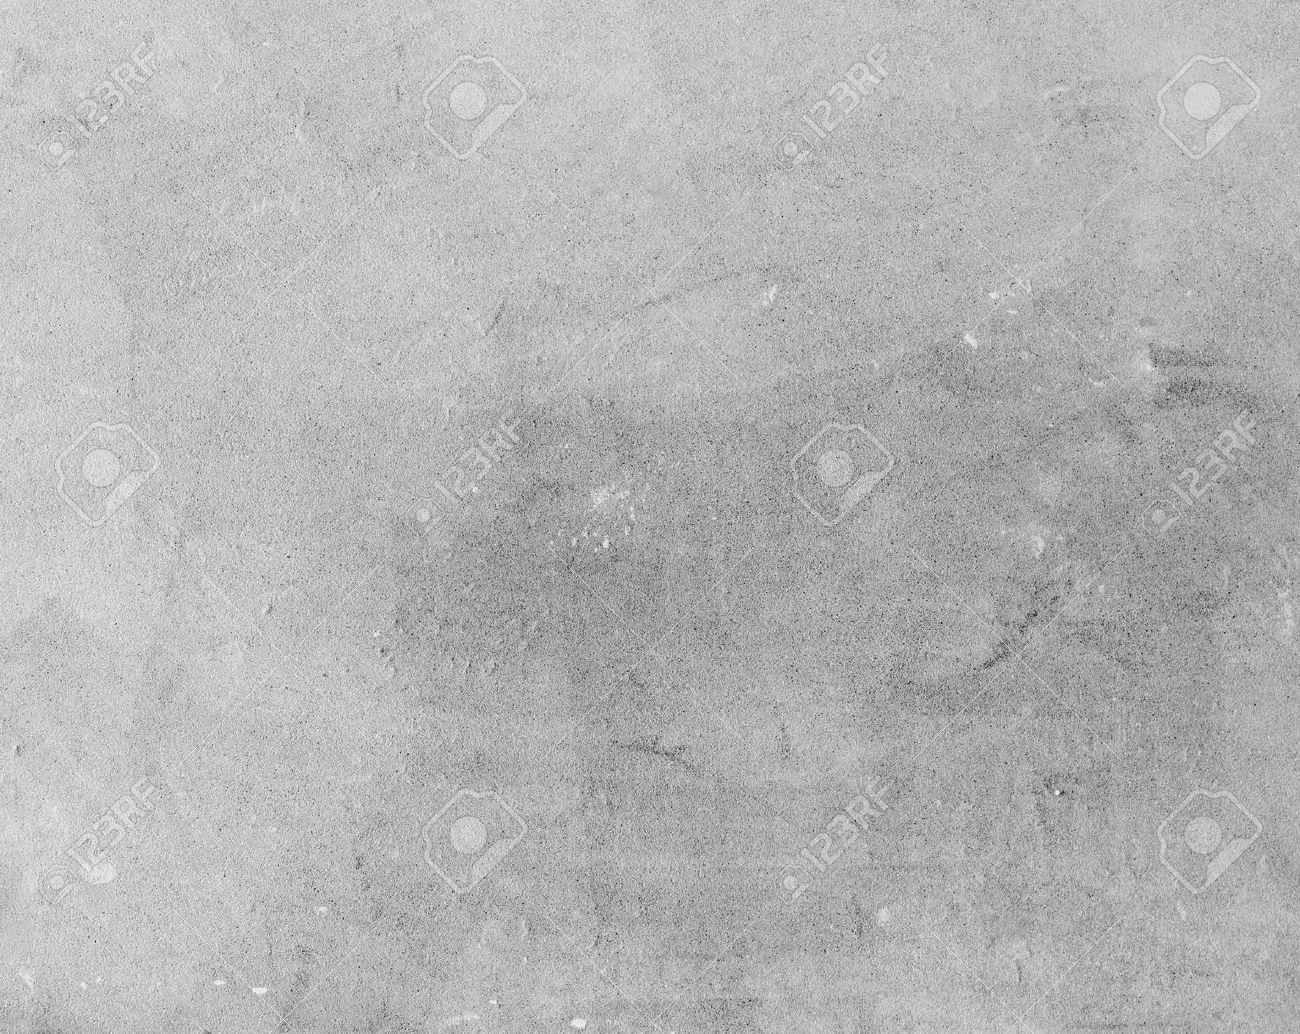 Beton Putz Boden Hintergrund Mit Naturlichen Grunge Textur Raw